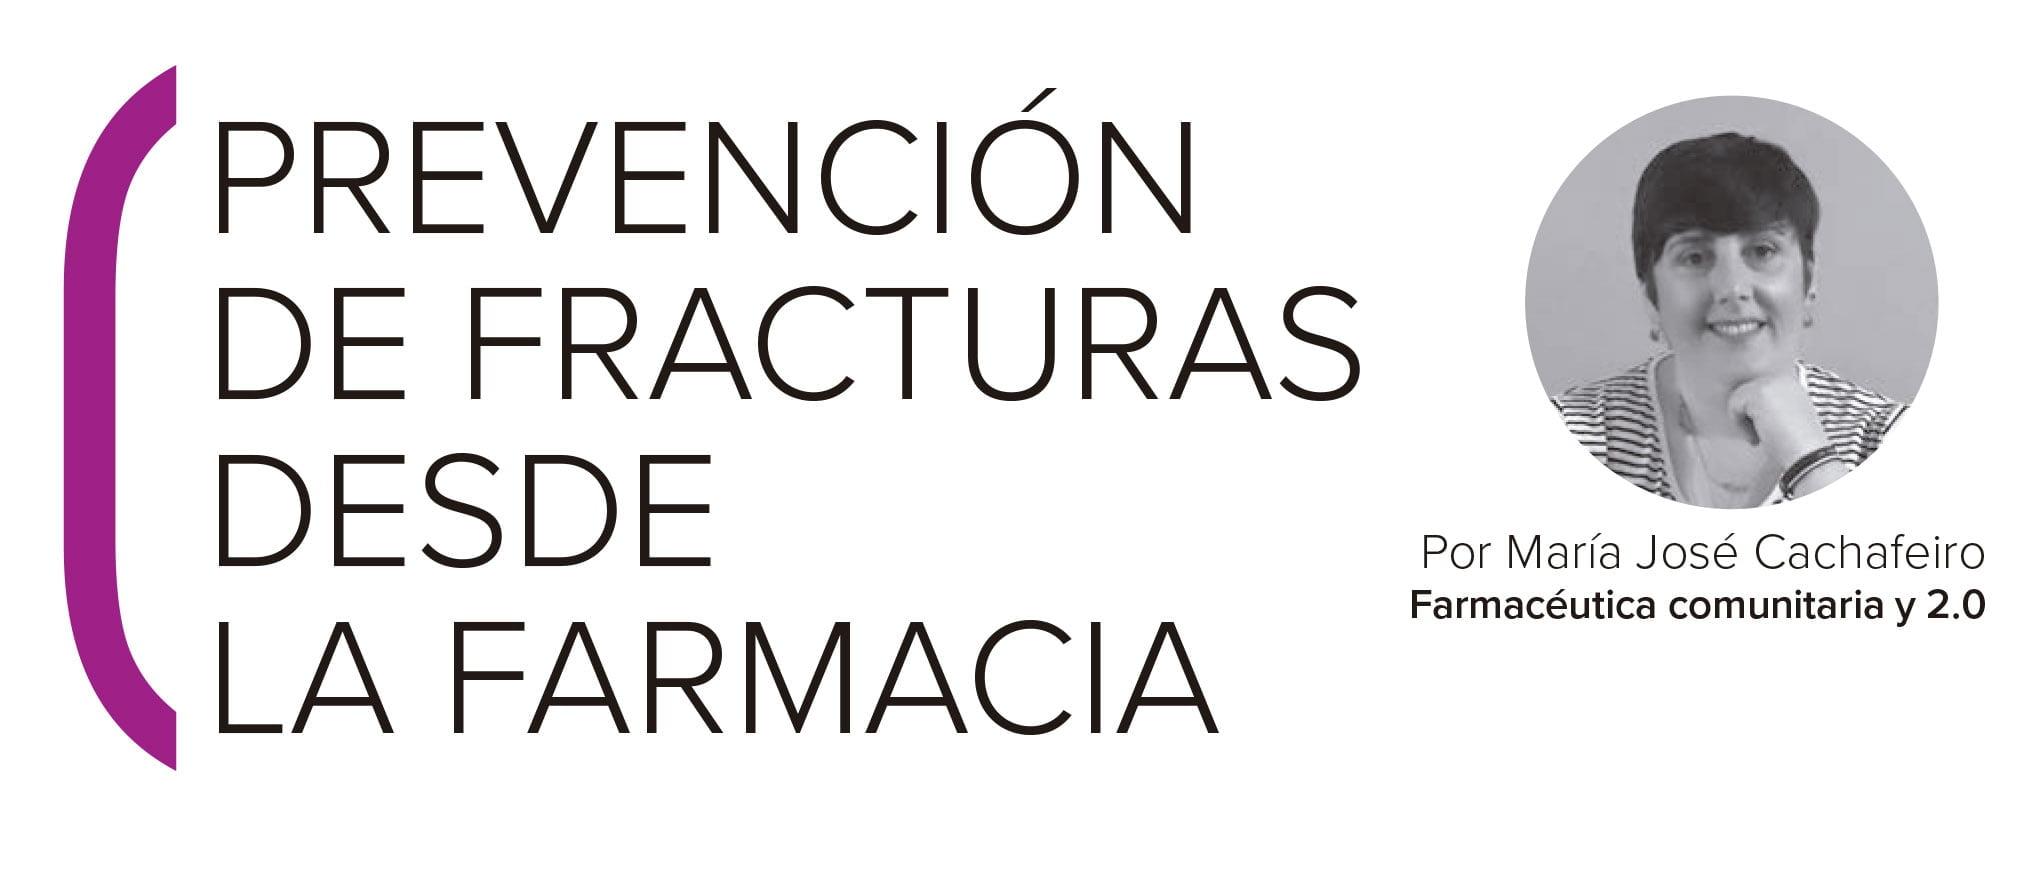 Prevención de fracturas desde la farmacia